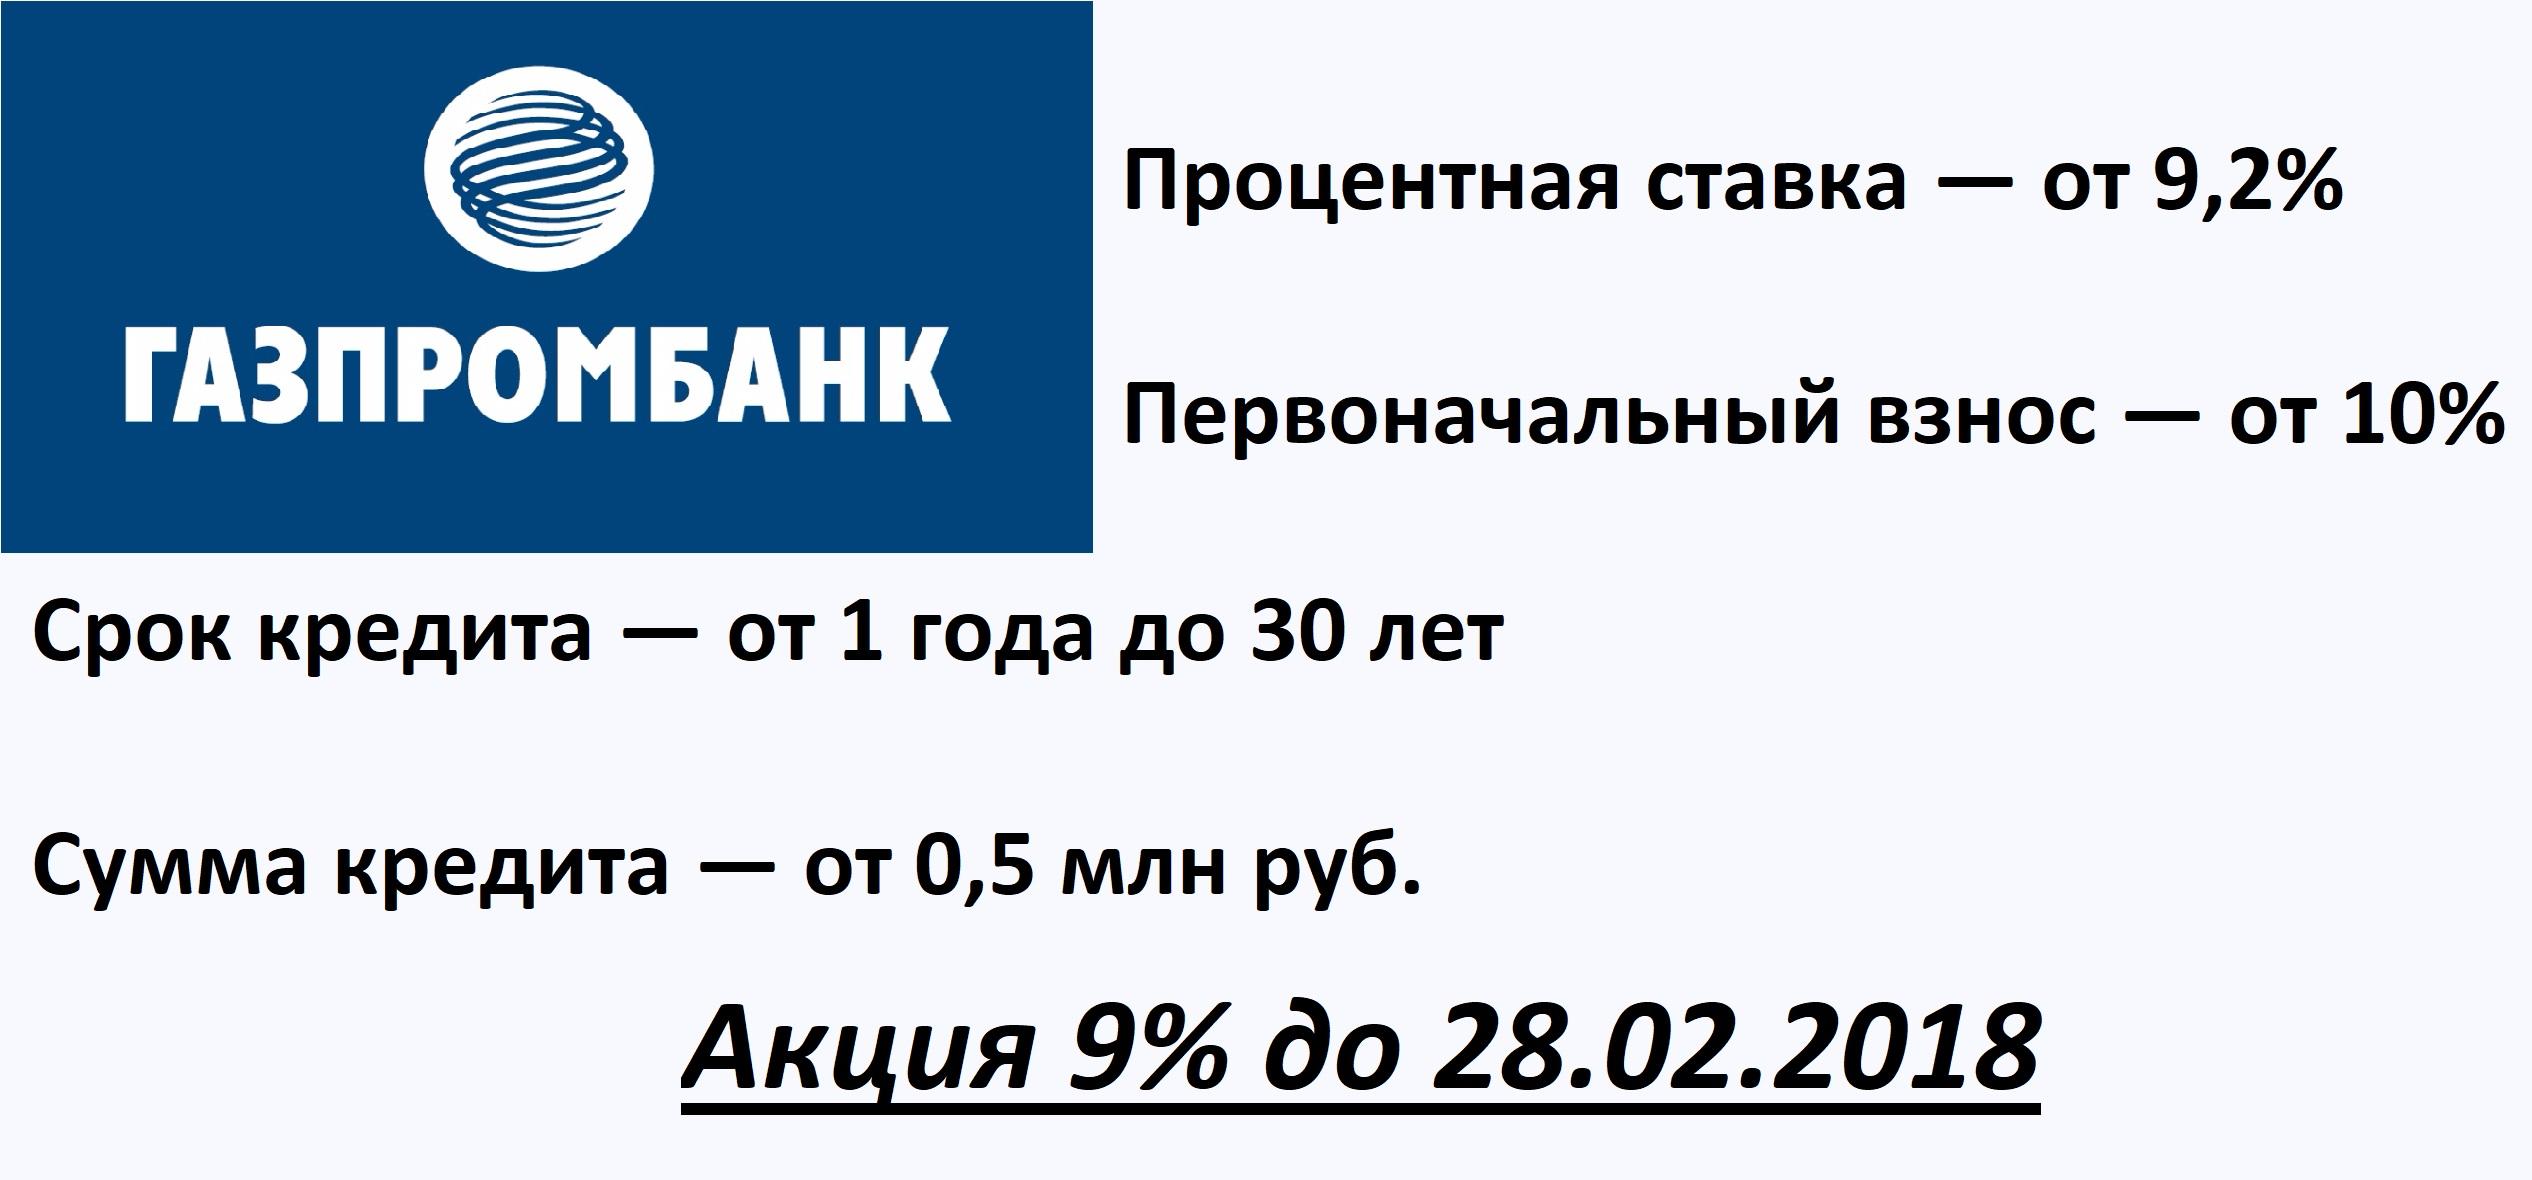 банк санкт петербург рассчитать кредит оформить кредит онлайн с моментальным решением втб